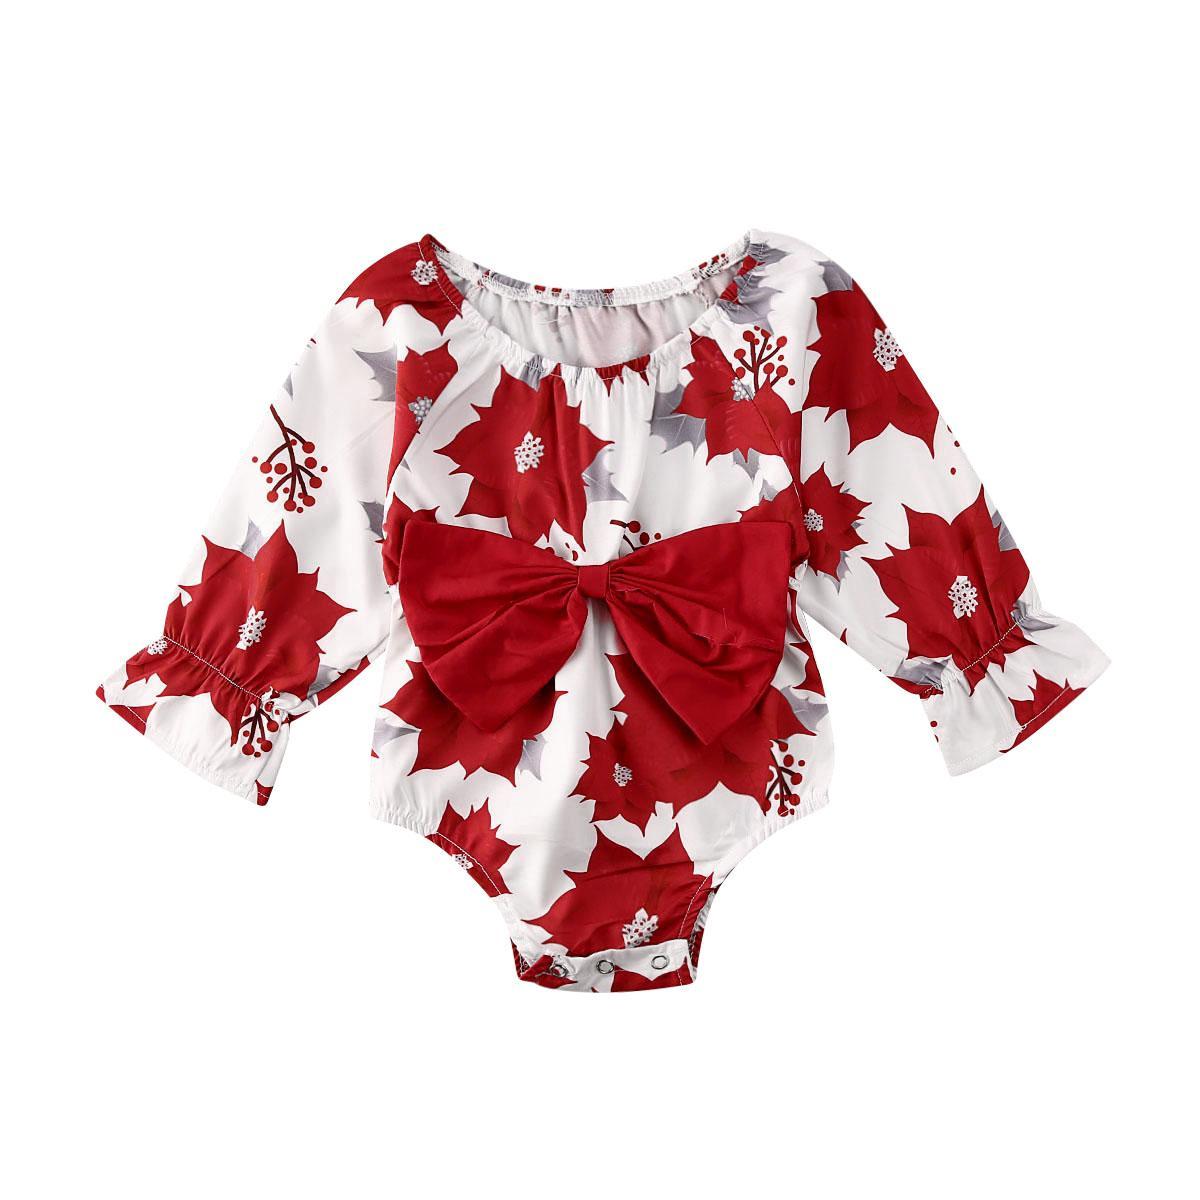 Weihnachten-Kind-Kind-Baby-Bodys Bowknot Kleidung Rüschen Langarm-Blumendruck-Overall-Outfit